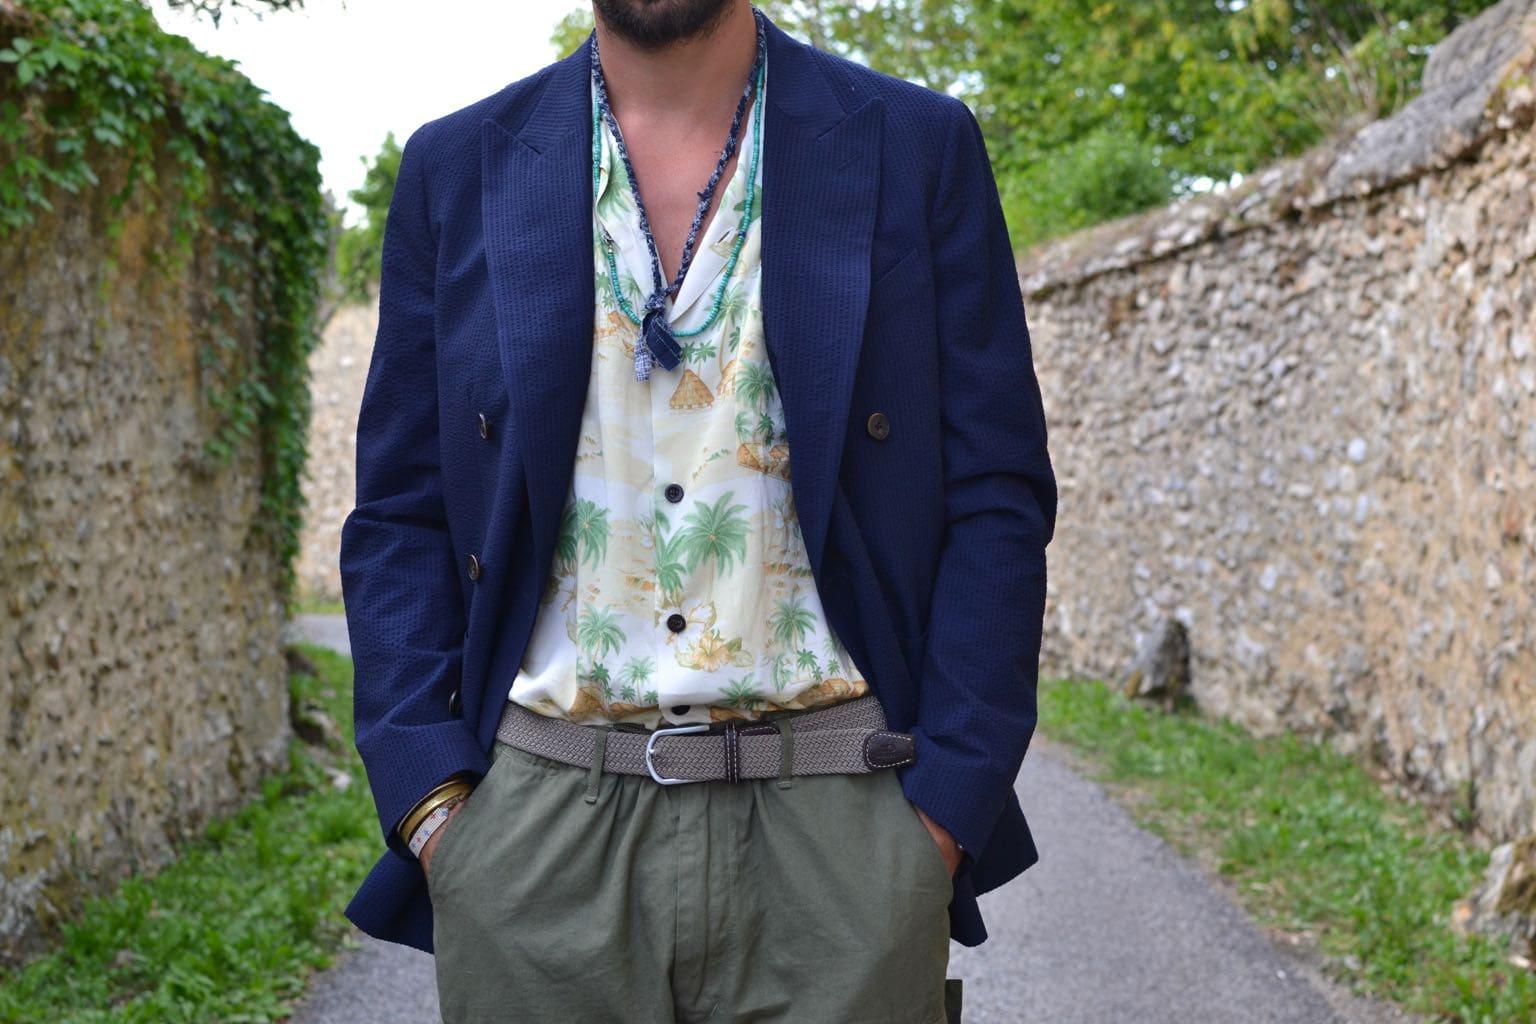 conseil mode style homme - porte une chemise dans le pantalon taille haute